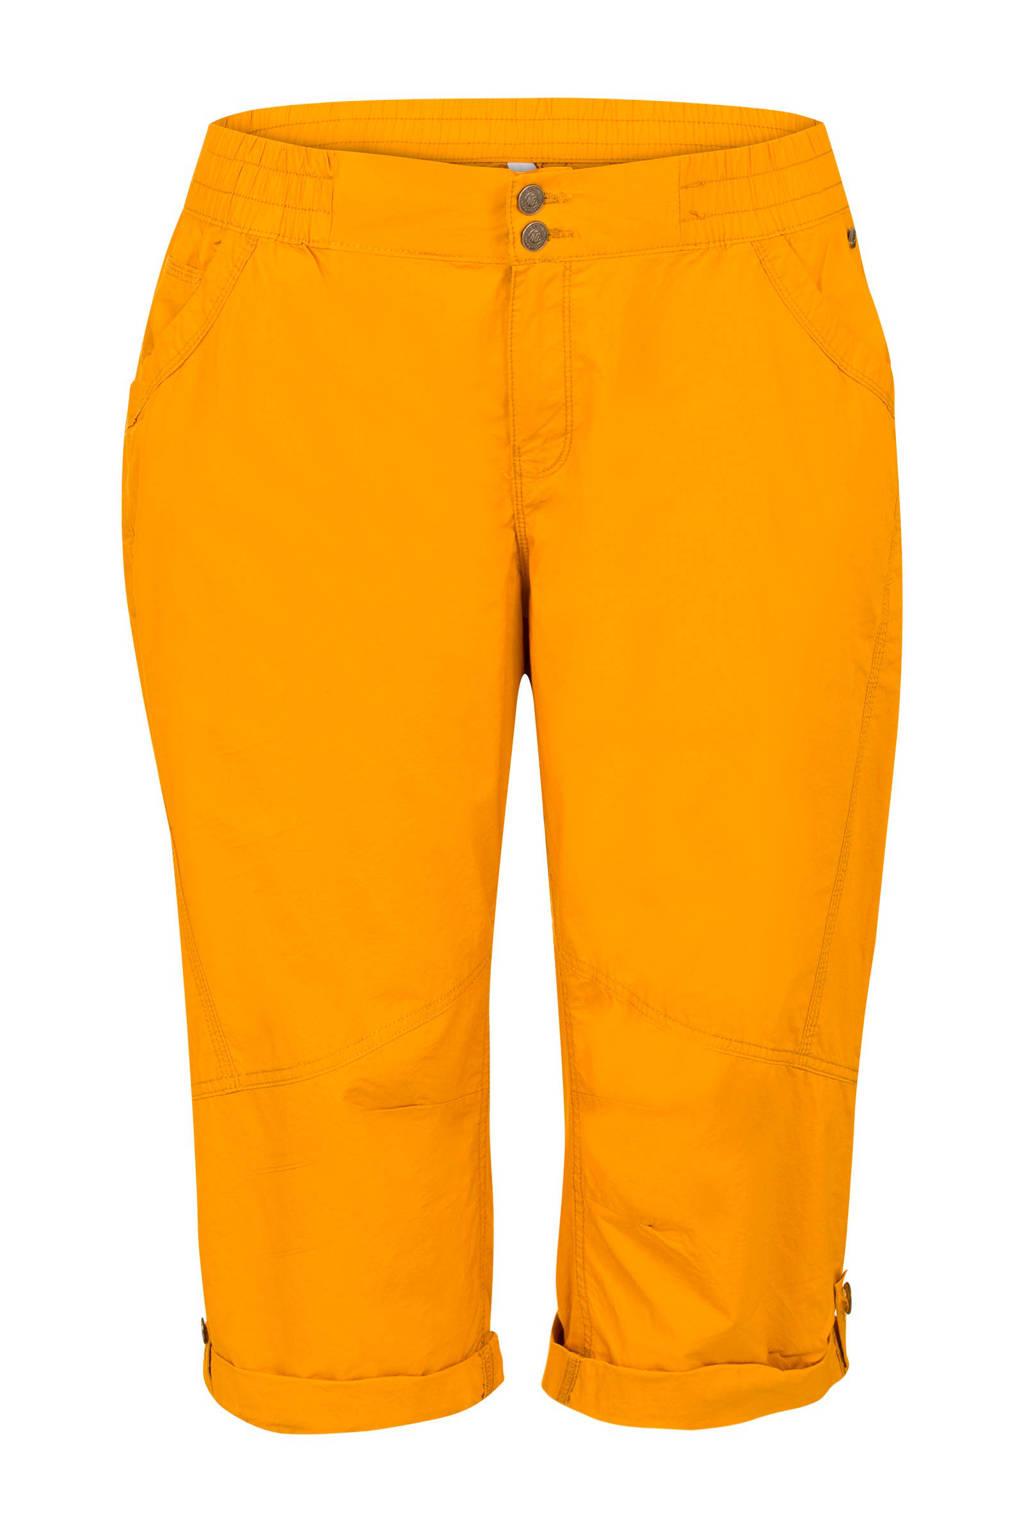 Miss Etam Plus loose fit apri geel, Geel